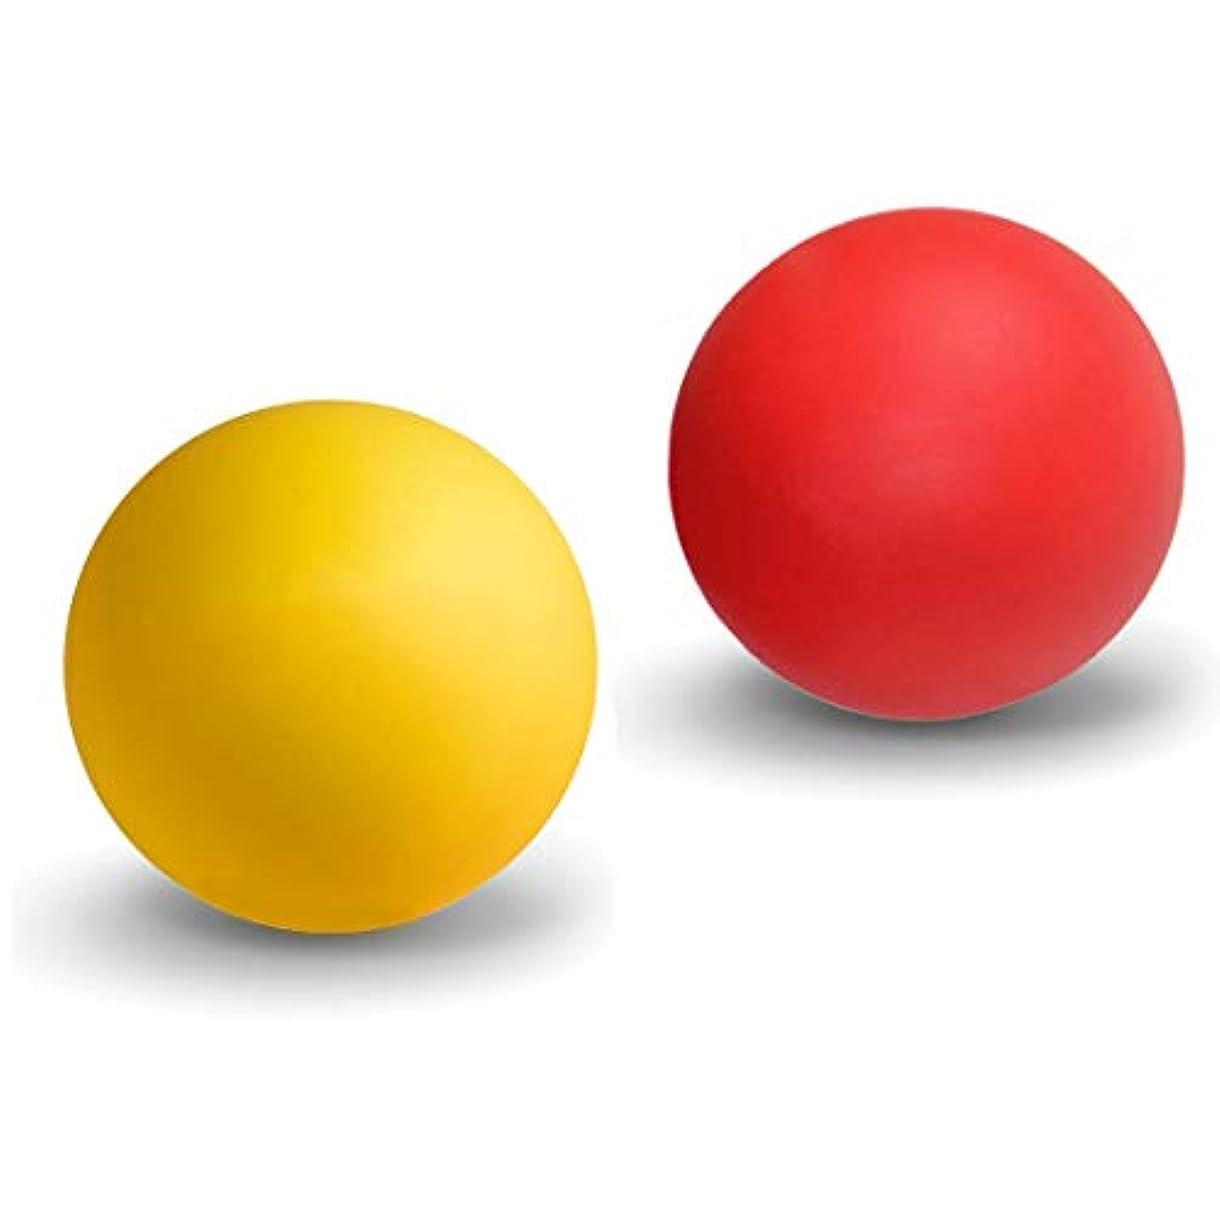 写真暴力補体マッサージボール ストレッチボール トリガーポイント ラクロスボール 筋膜リリース トレーニング 指圧ボールマッスルマッサージボール 背中 肩こり 腰 ふくらはぎ 足裏 ツボ押しグッズ 2で1組み合わせ 2個 セット